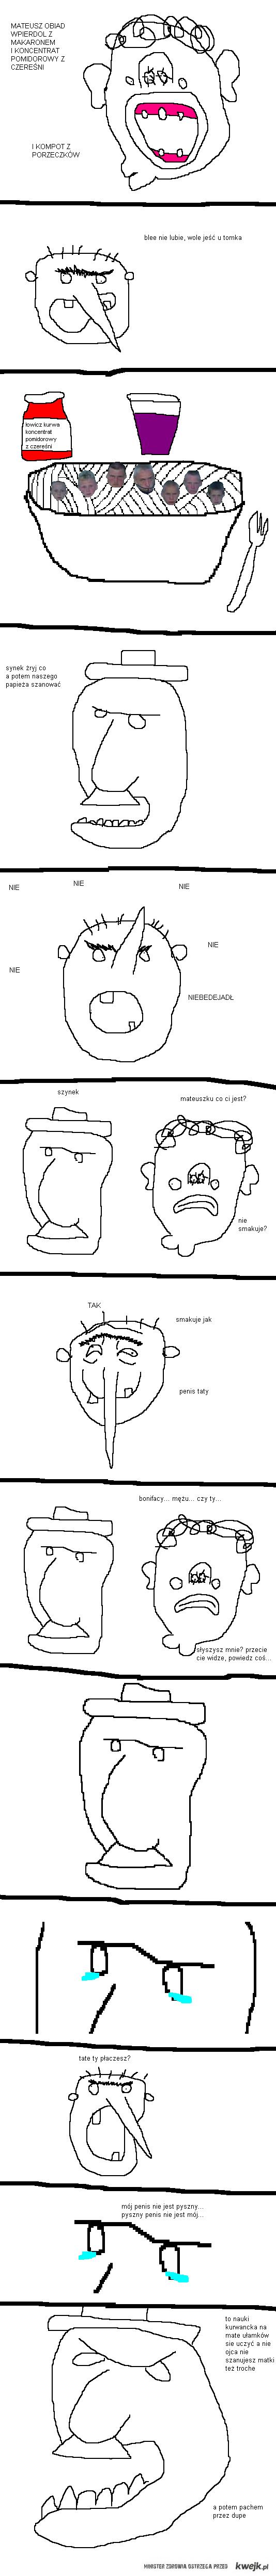 karachan.org/b - inne śmiechowe rzeczy xD